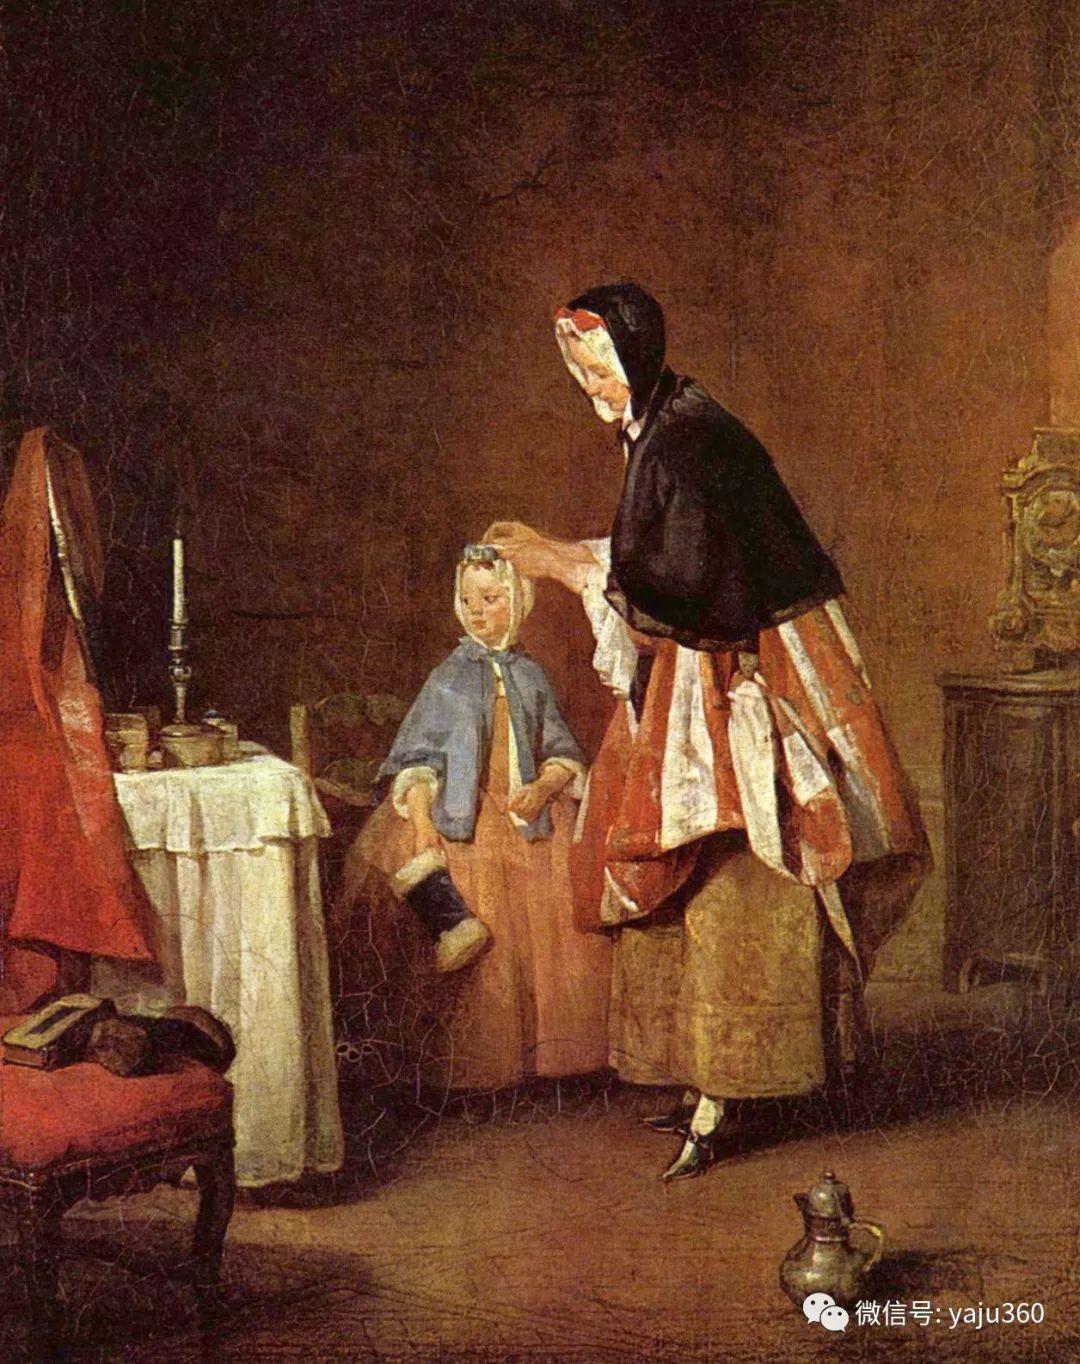 静物画巨匠 法国画家夏尔丹插图85